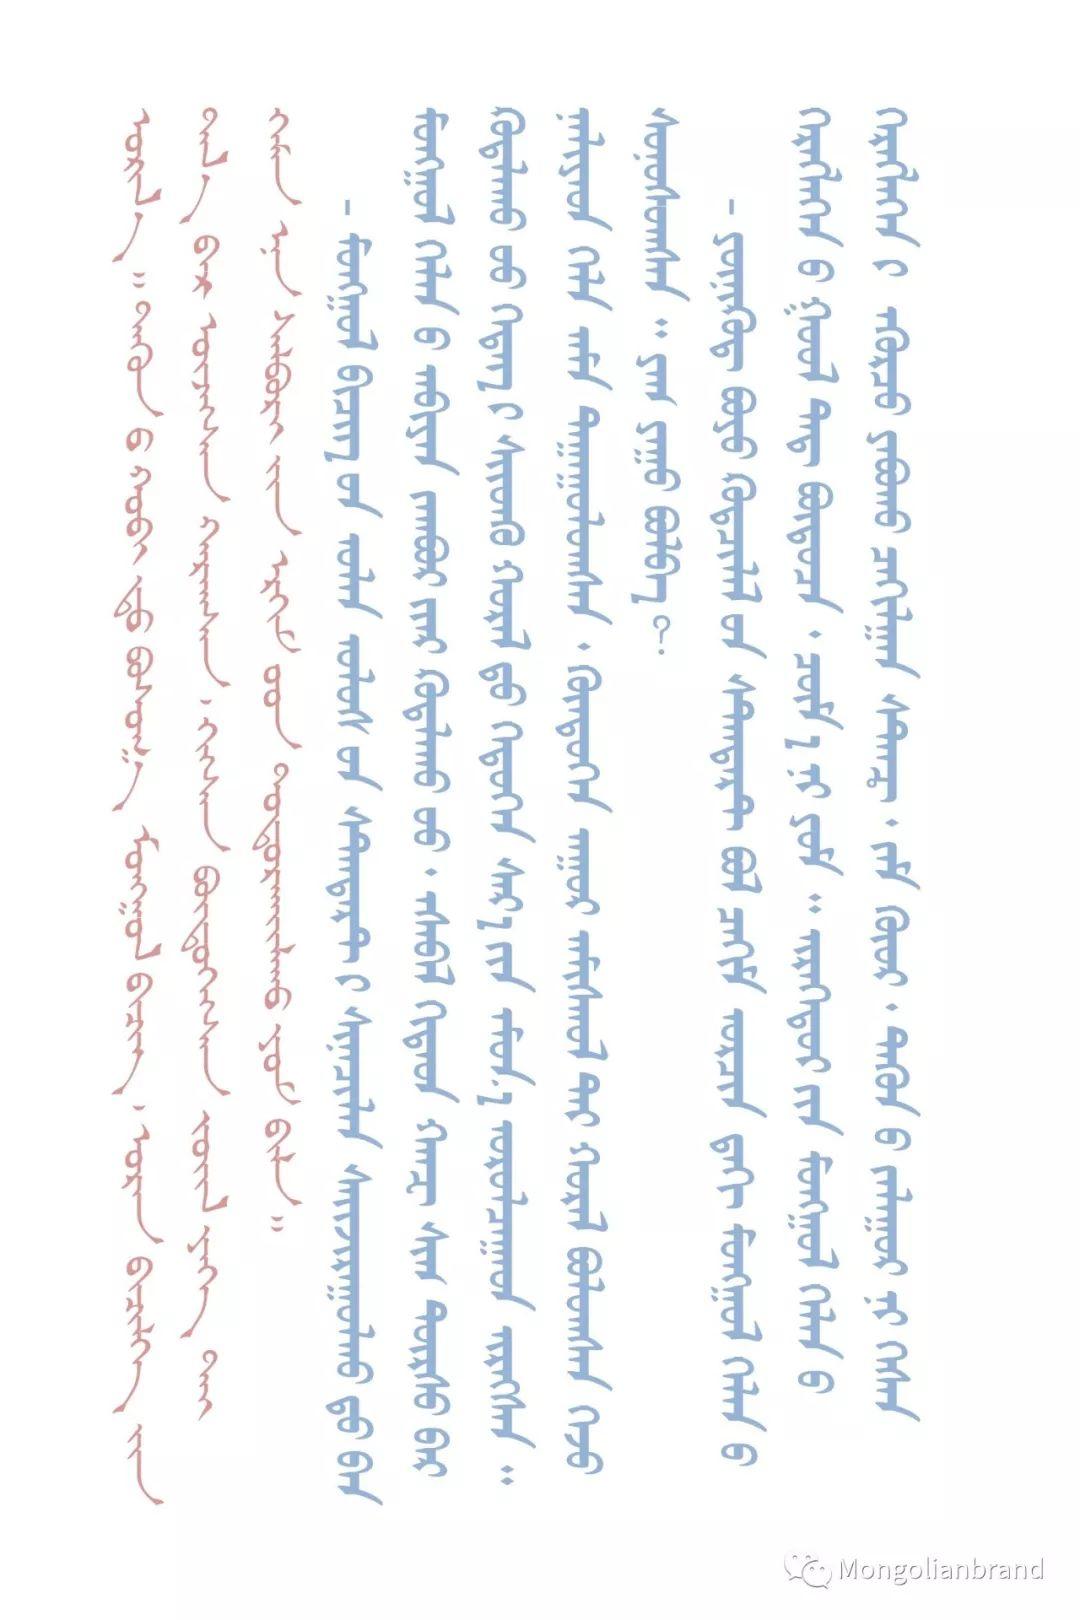 蒙古字体设计专家Jamiyansuren:让每个蒙古人掌握传统蒙古文是我们的终极目标 第3张 蒙古字体设计专家Jamiyansuren:让每个蒙古人掌握传统蒙古文是我们的终极目标 蒙古文化